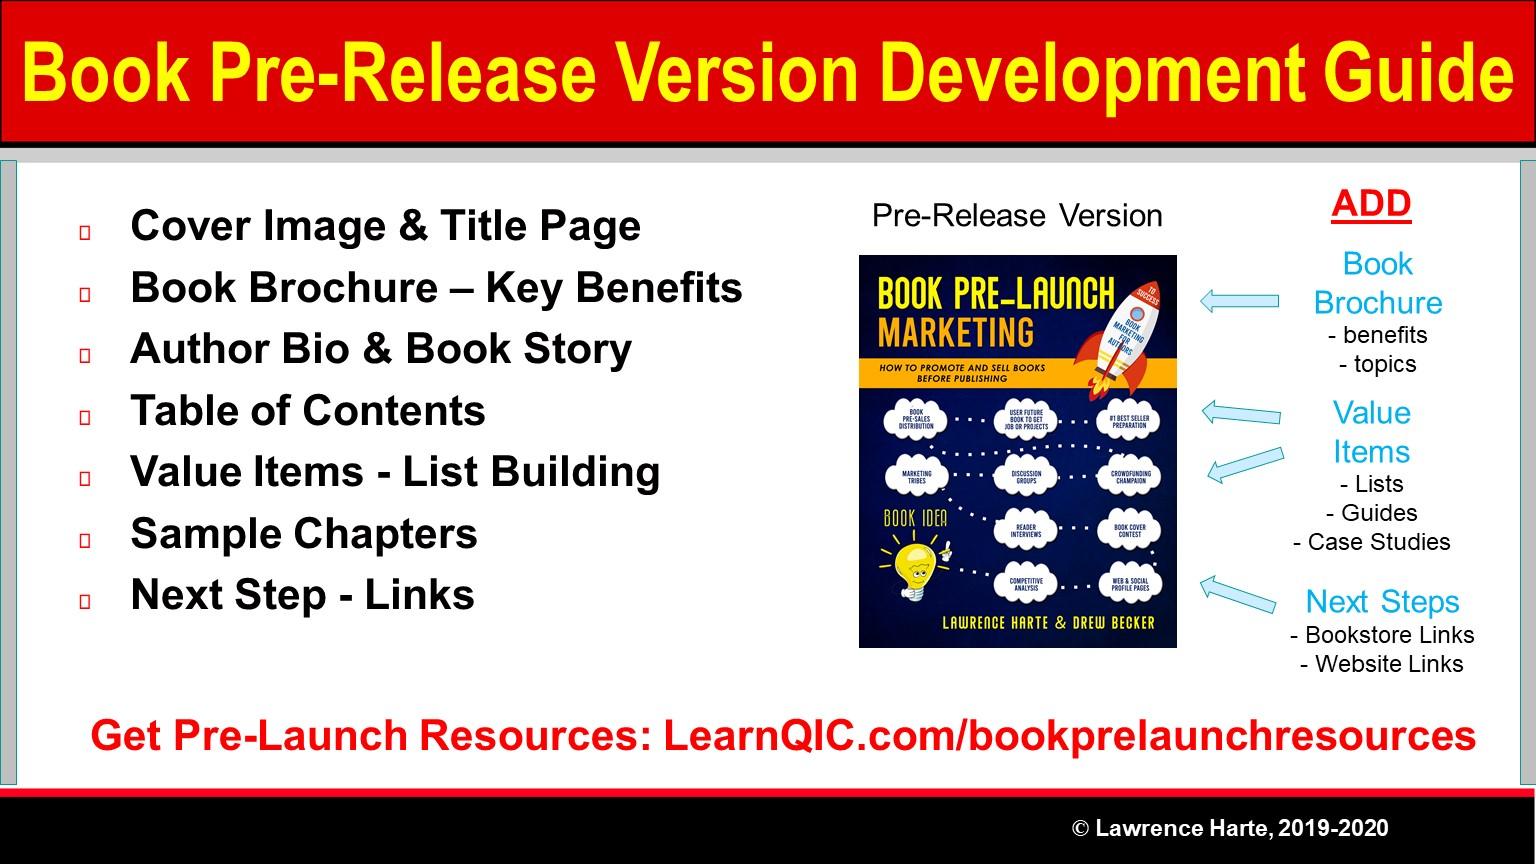 Book Pre-Release Version Development Guide